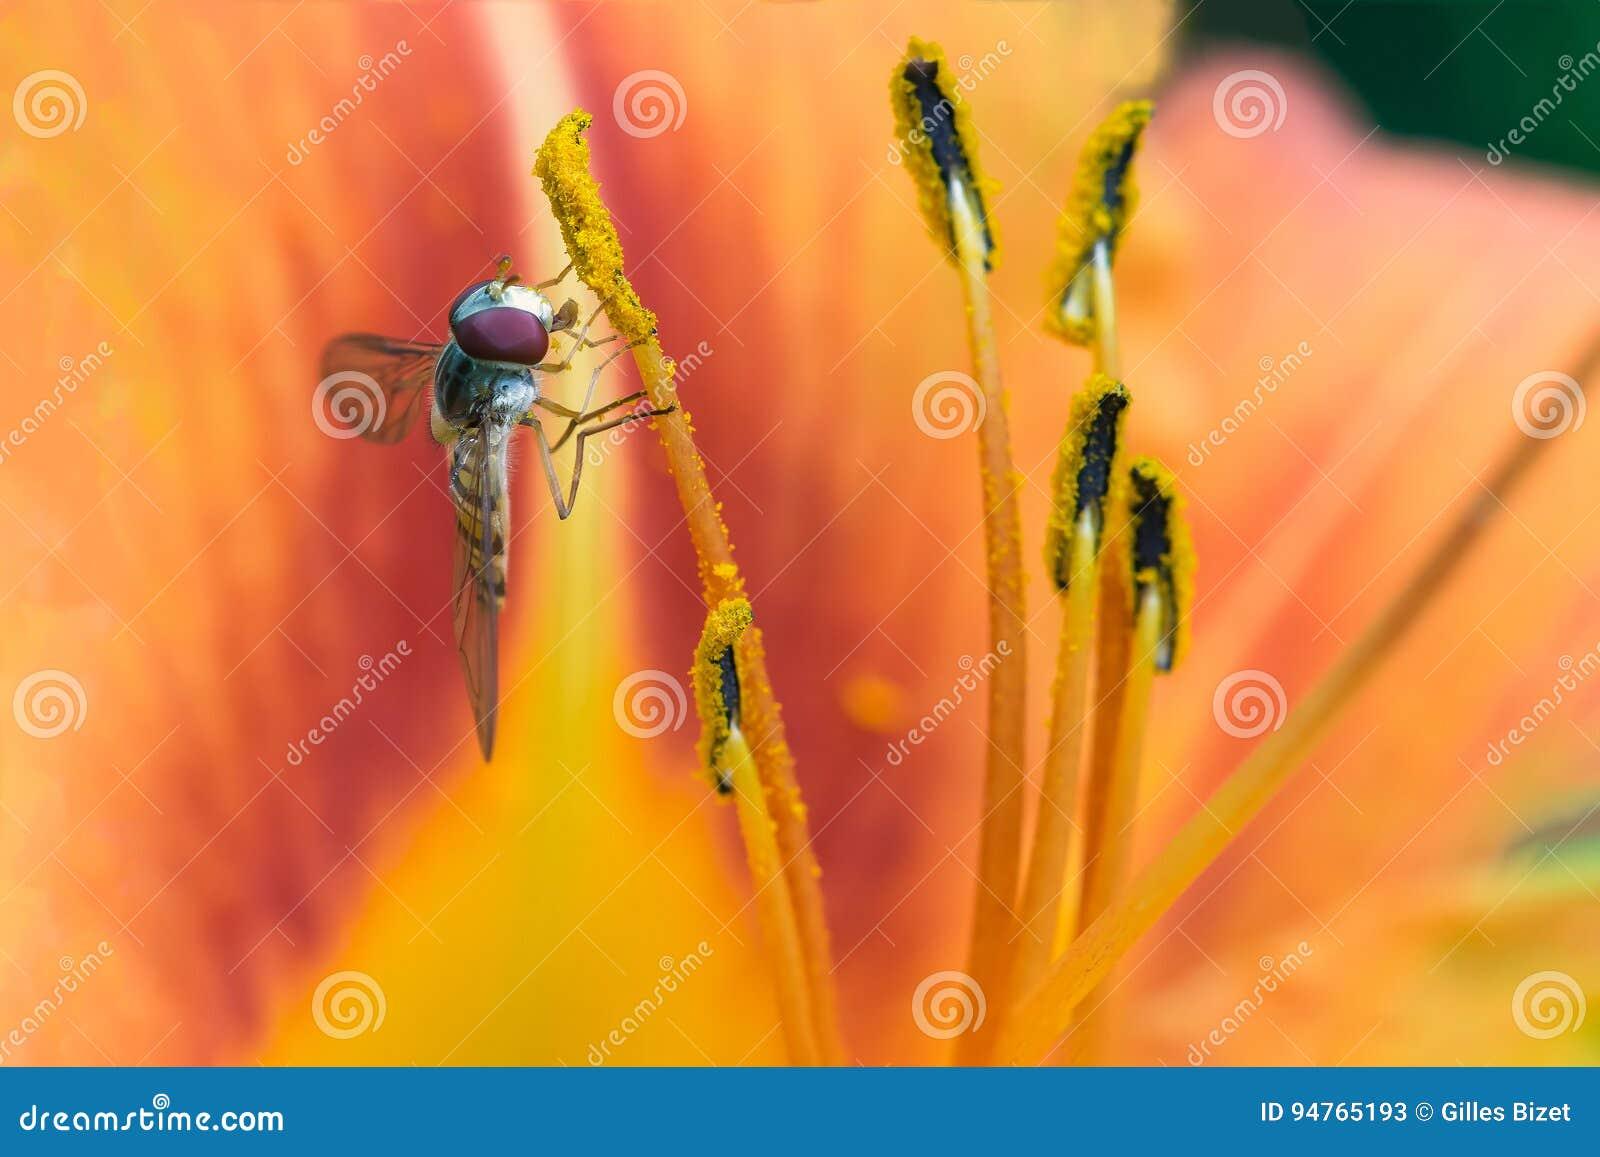 关闭橘子果酱hoverfly在橙色花